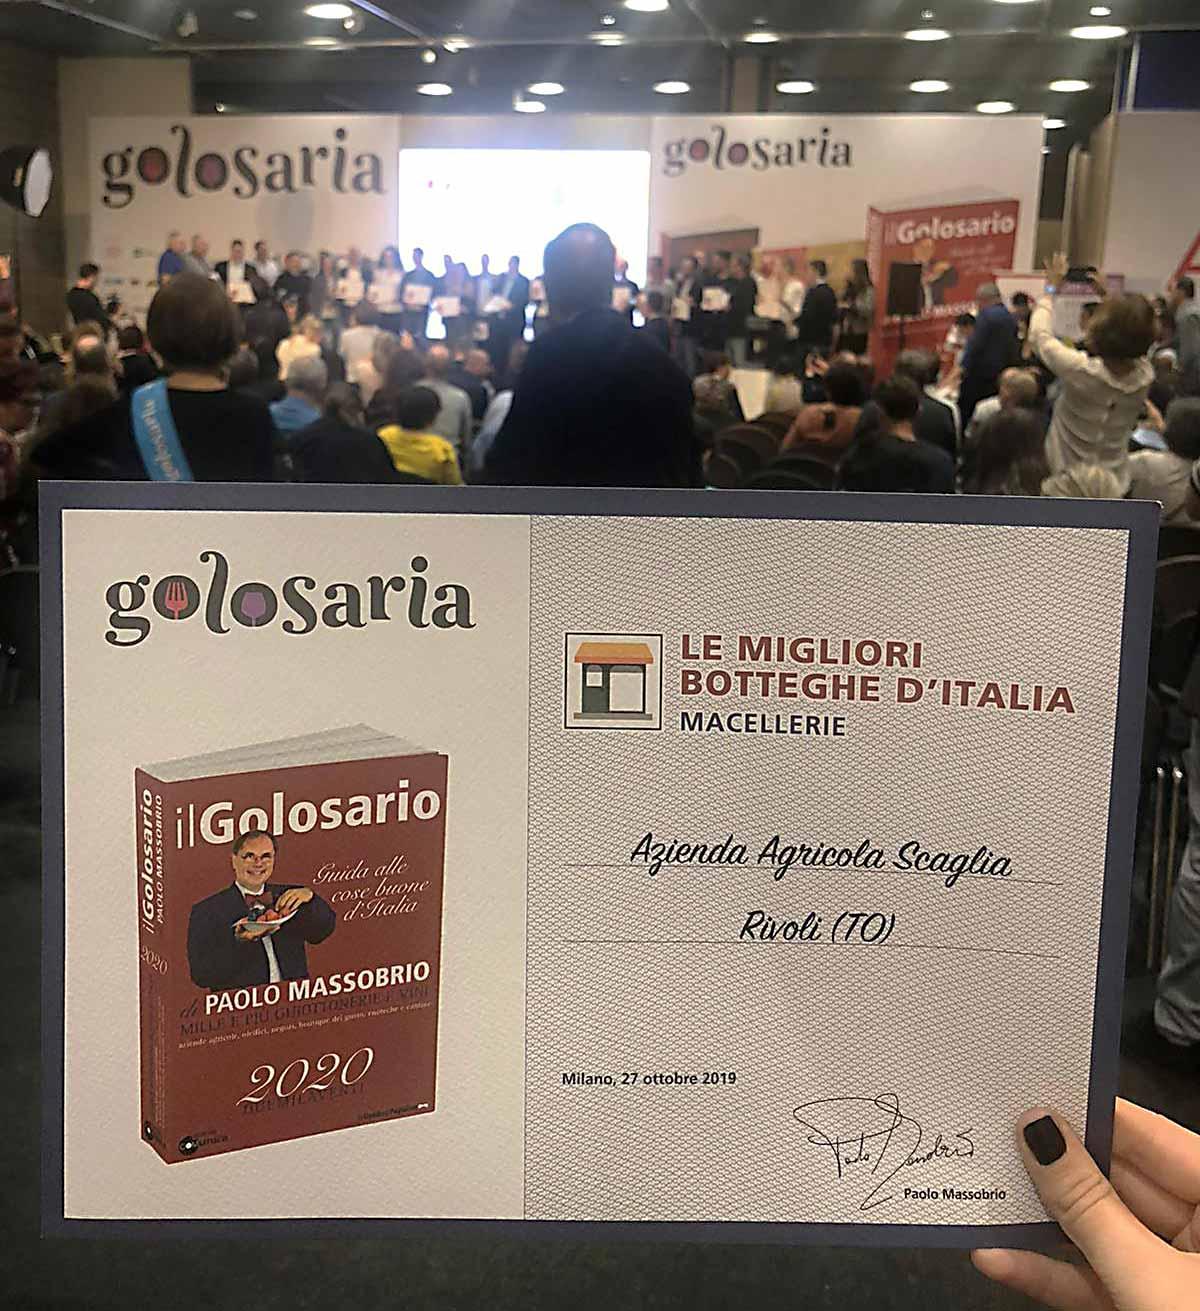 Macelleria Scaglia Premiata a Golosaria 2019/2020